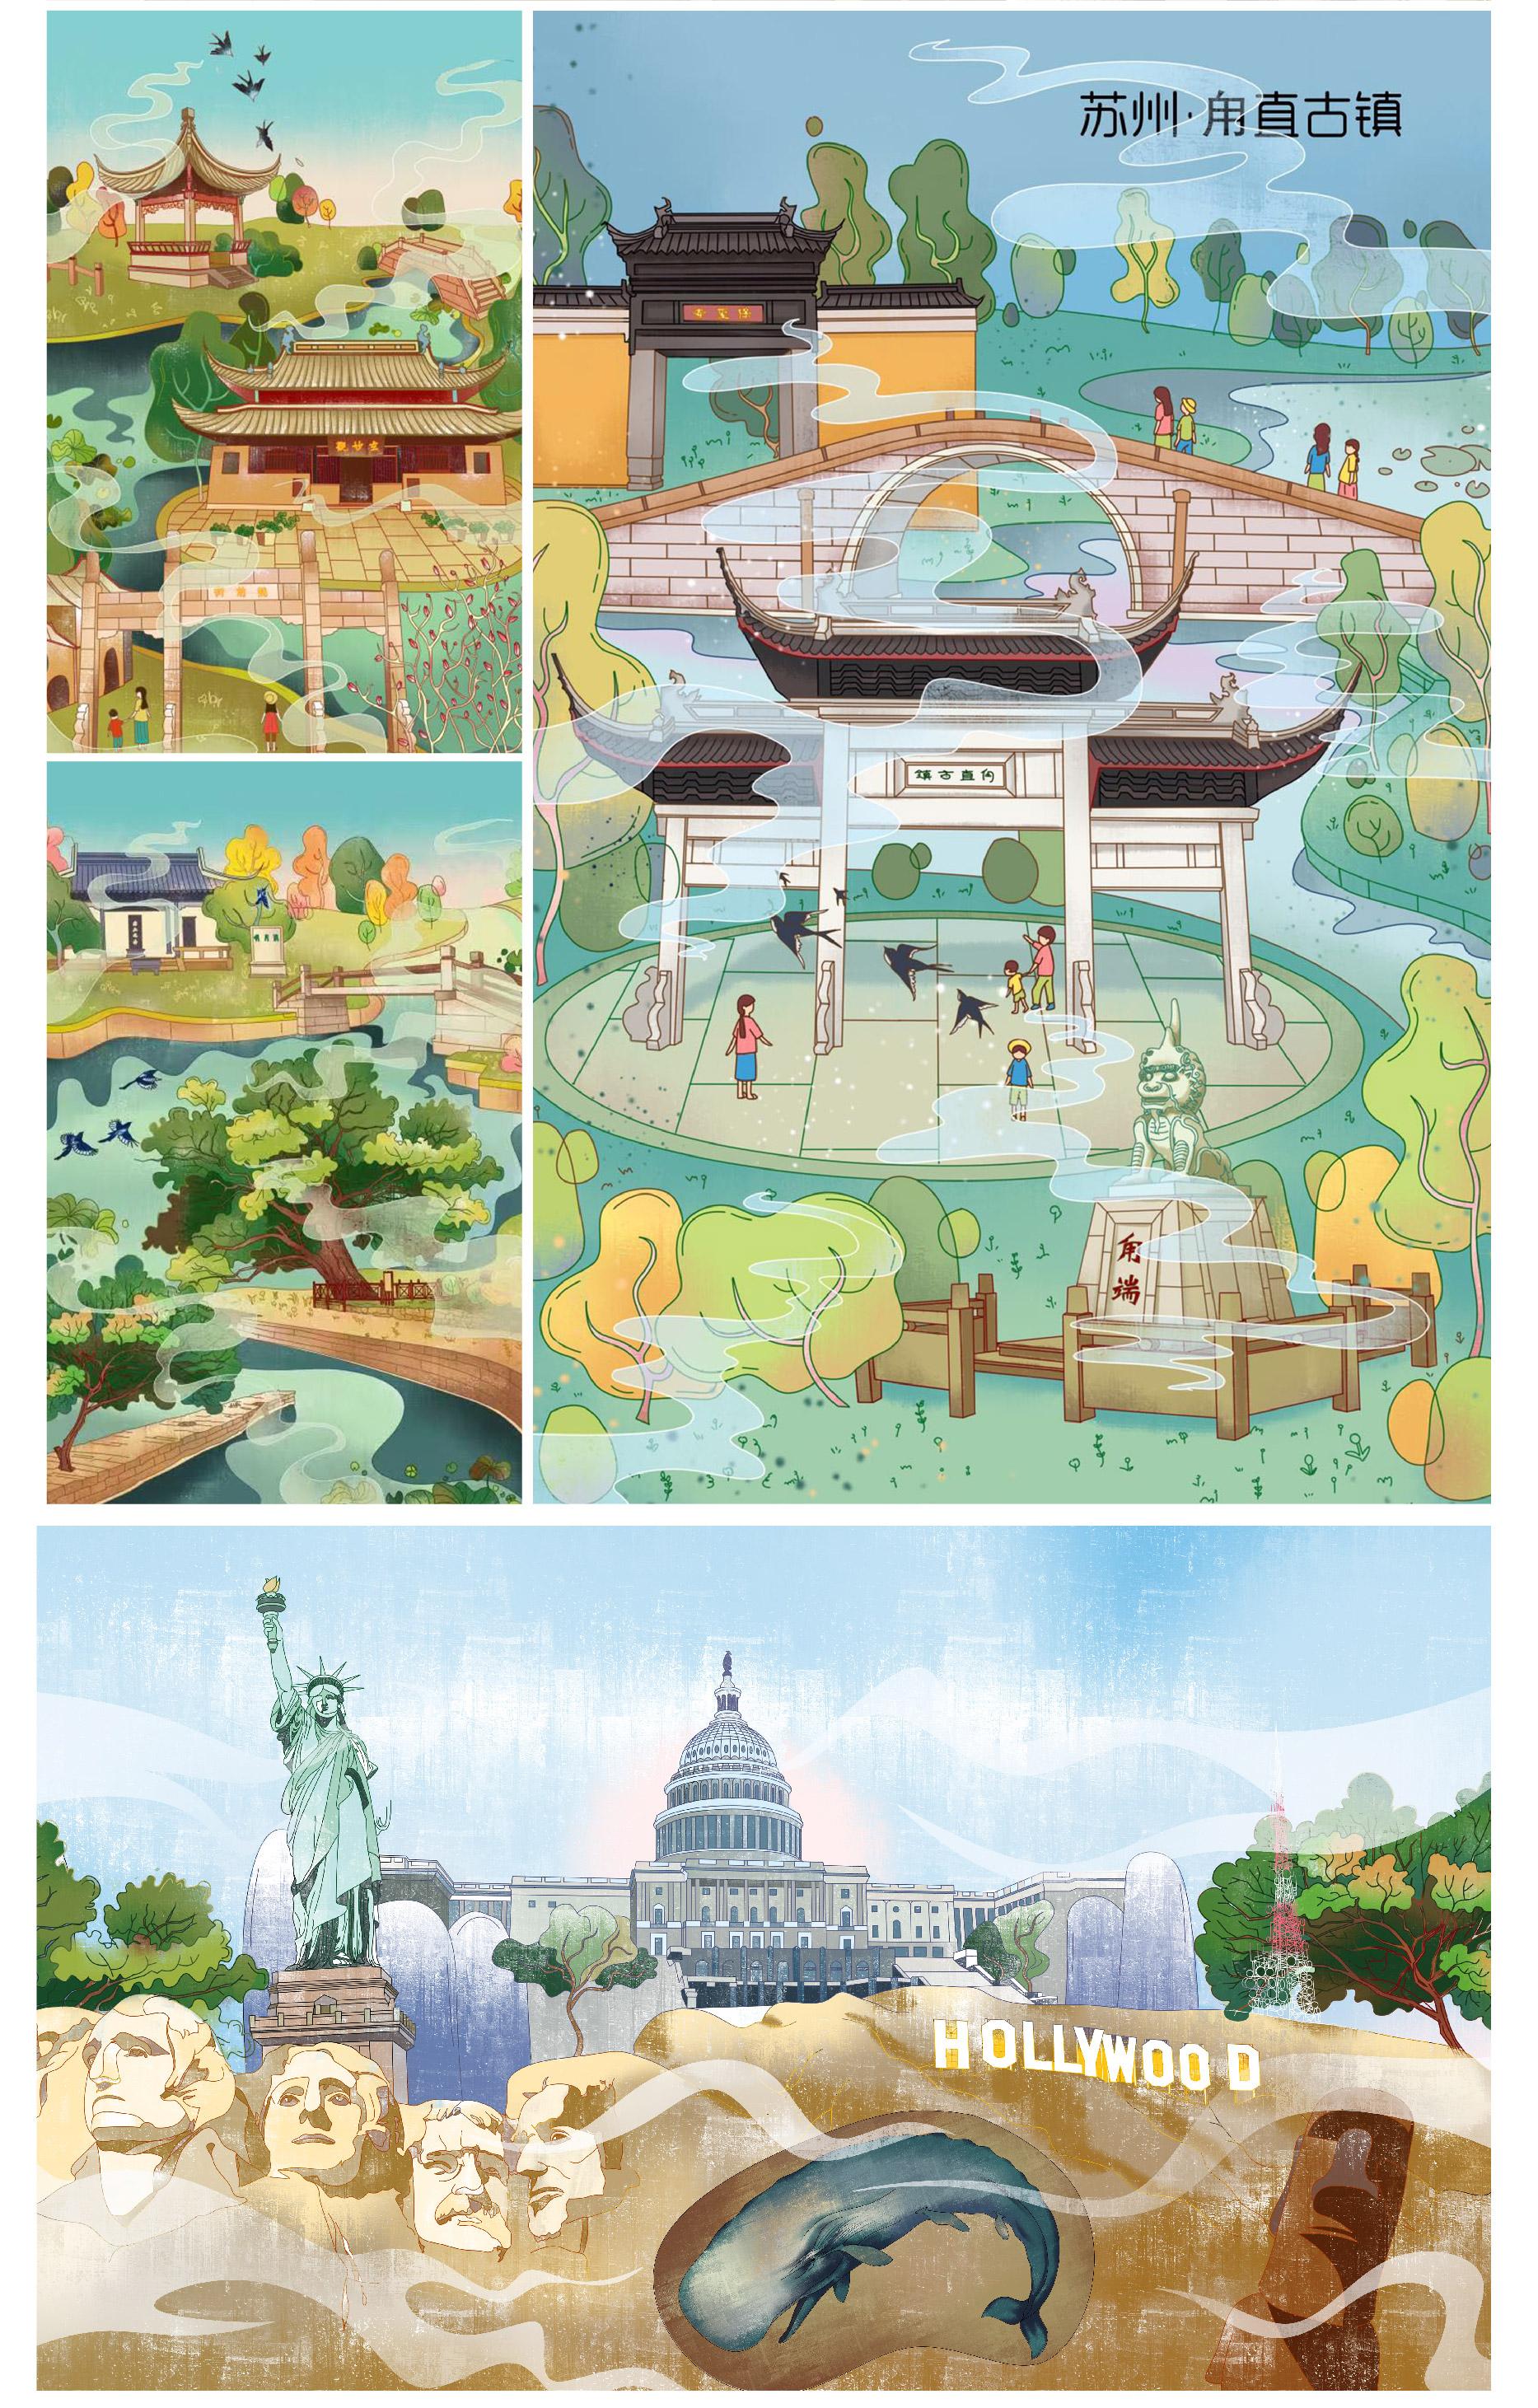 漫画插画设计动物卡通人物绘本唯欧美日式商业包装广告图时尚写实